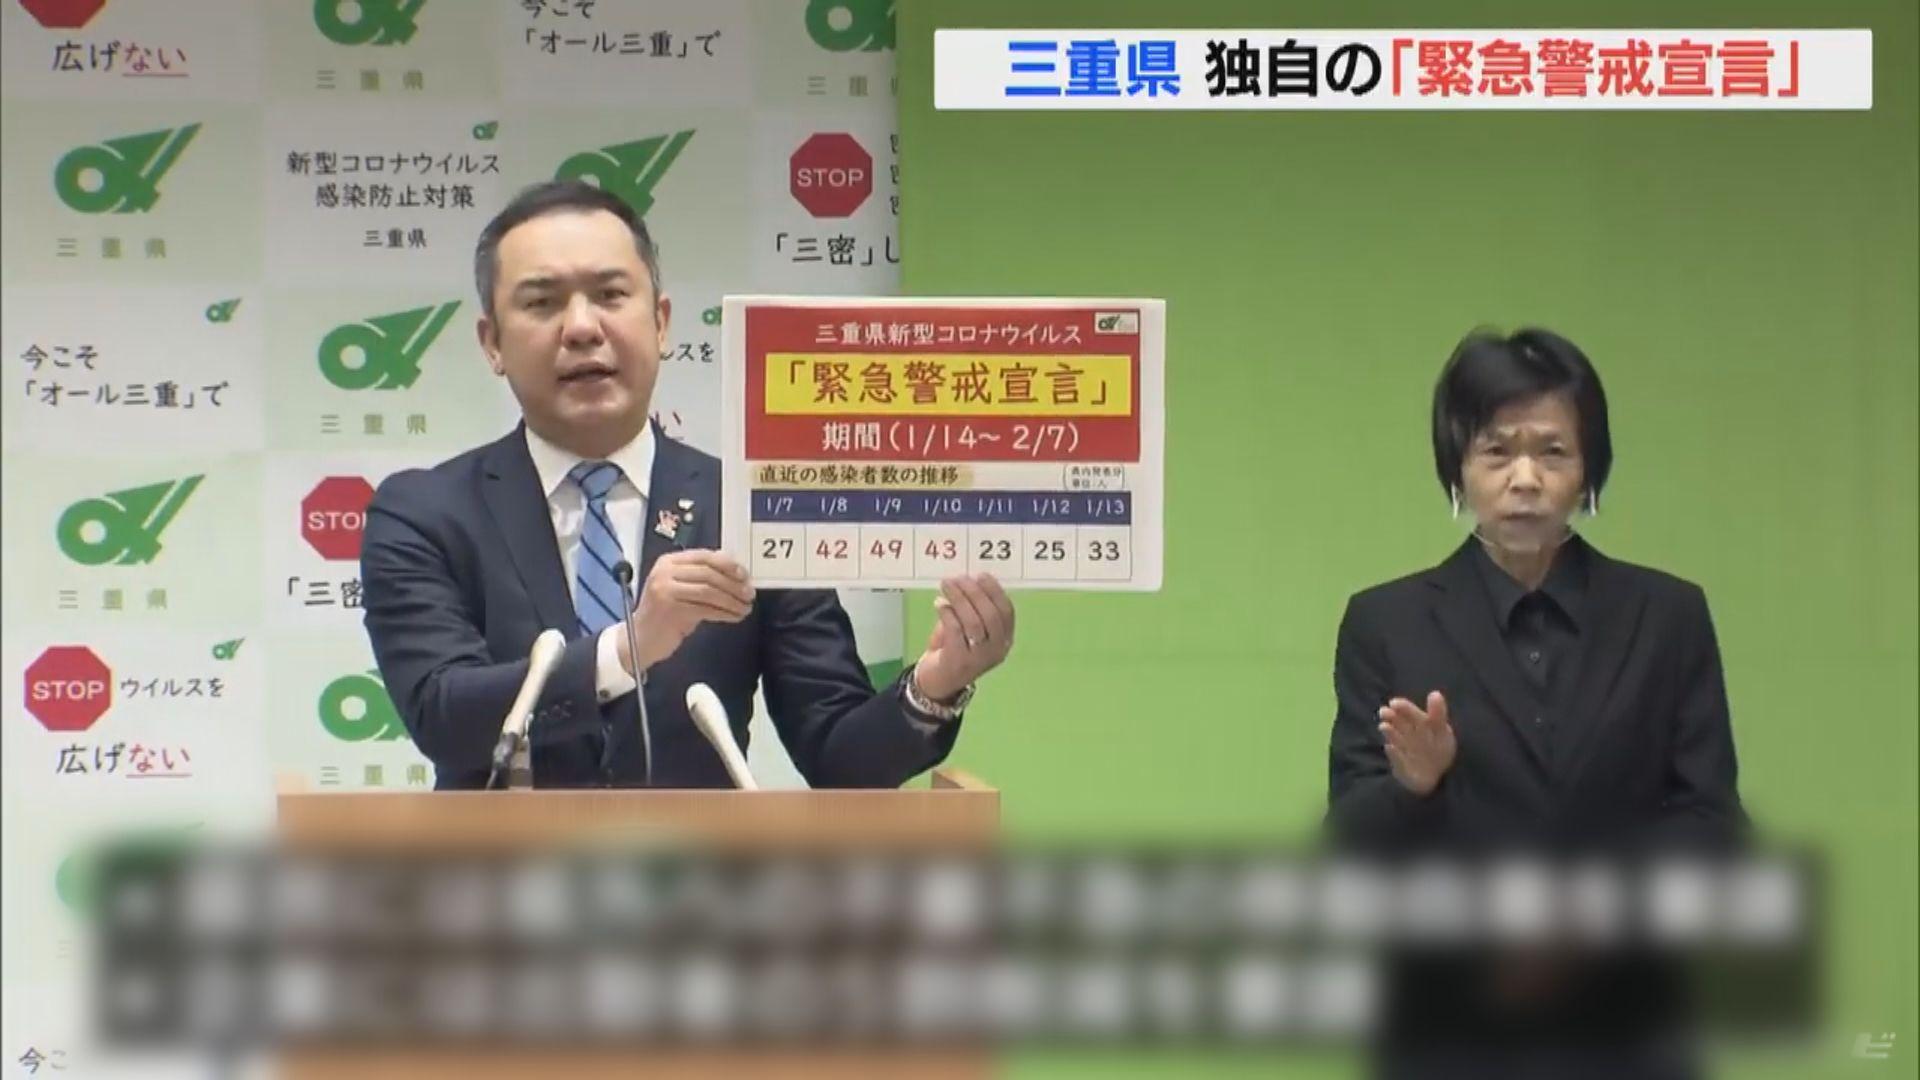 日本疫情持續 當局暫無意擴展緊急事態宣言至全國